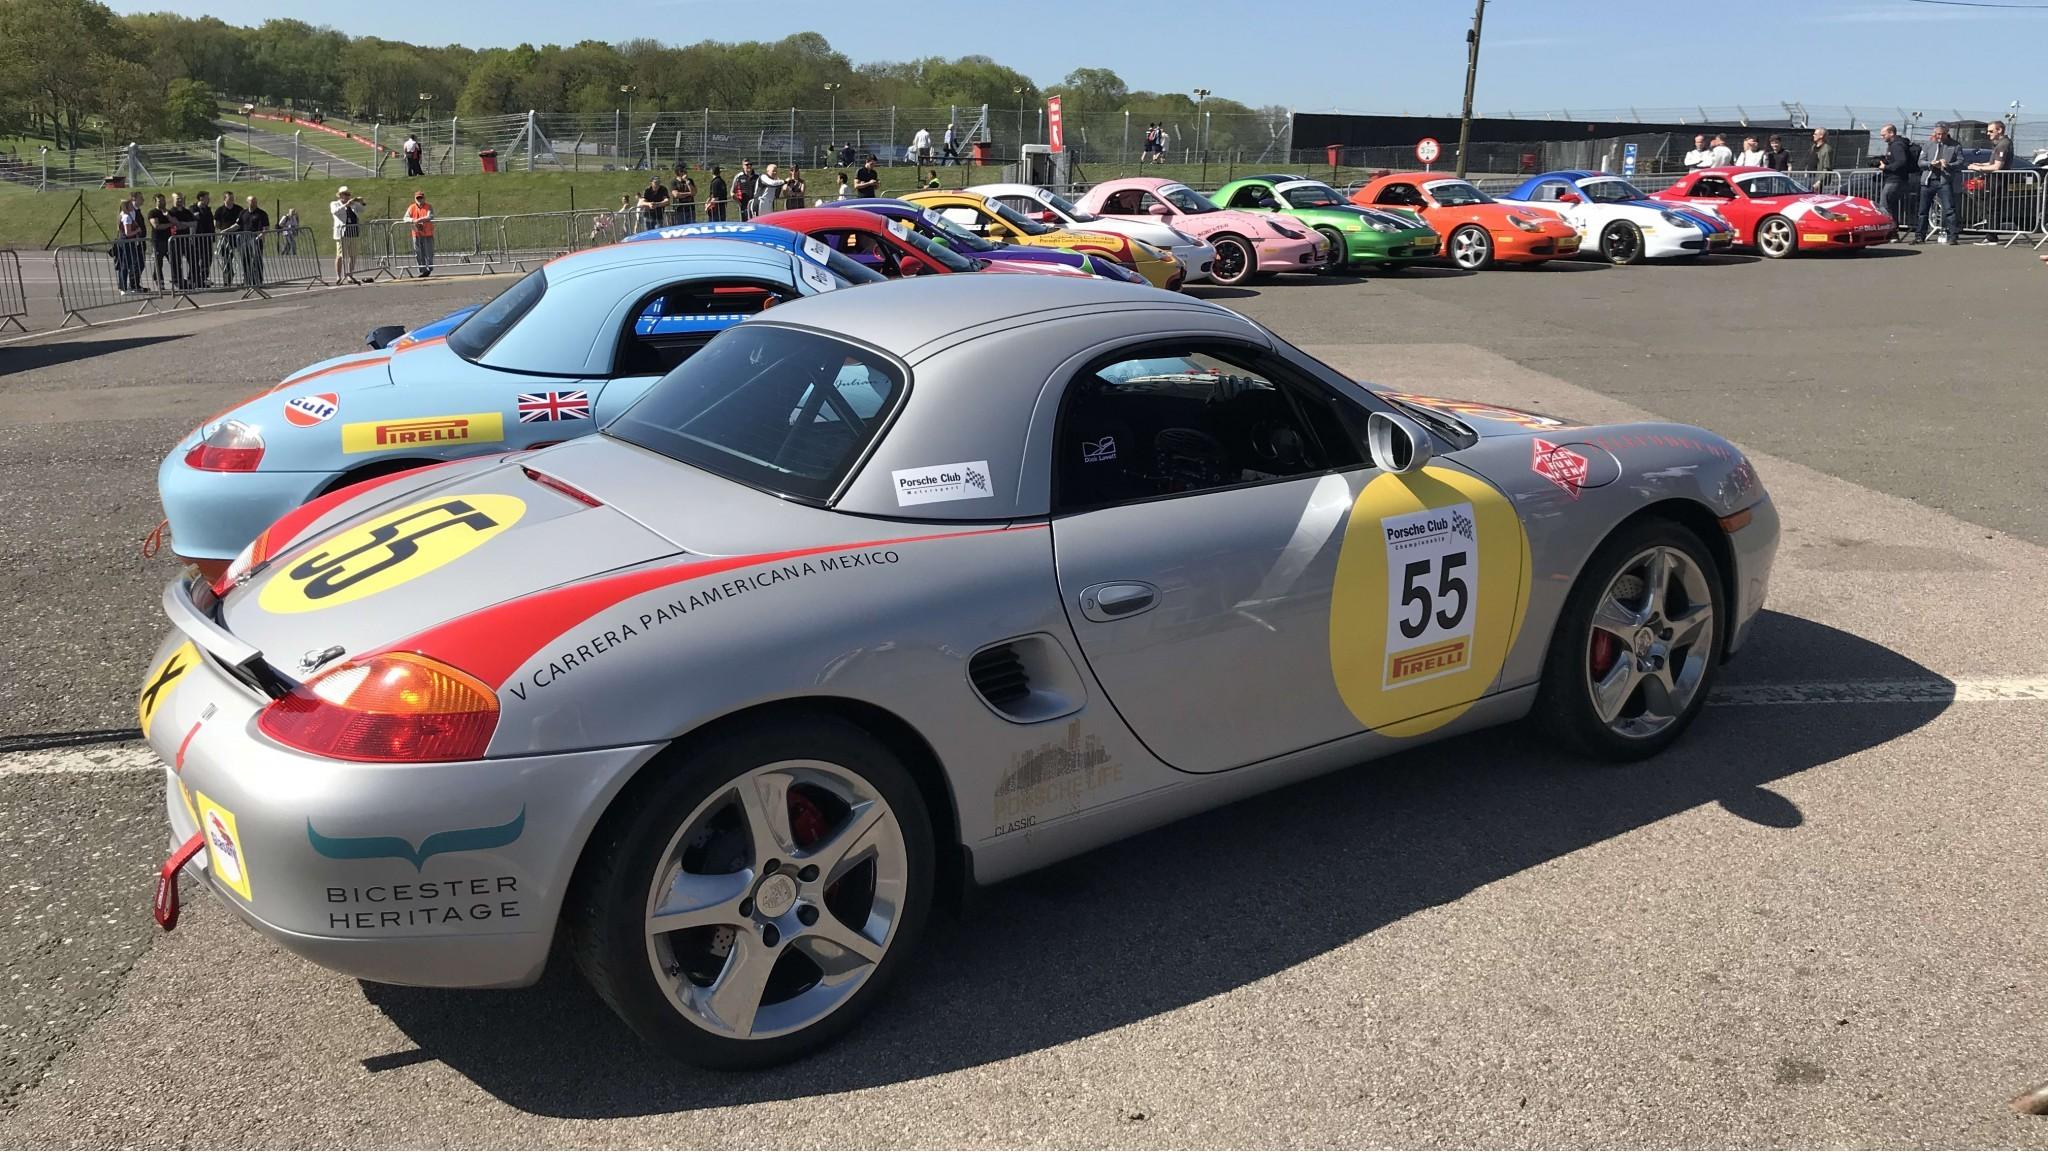 Porsche Centre Swindon Secure 3rd Place